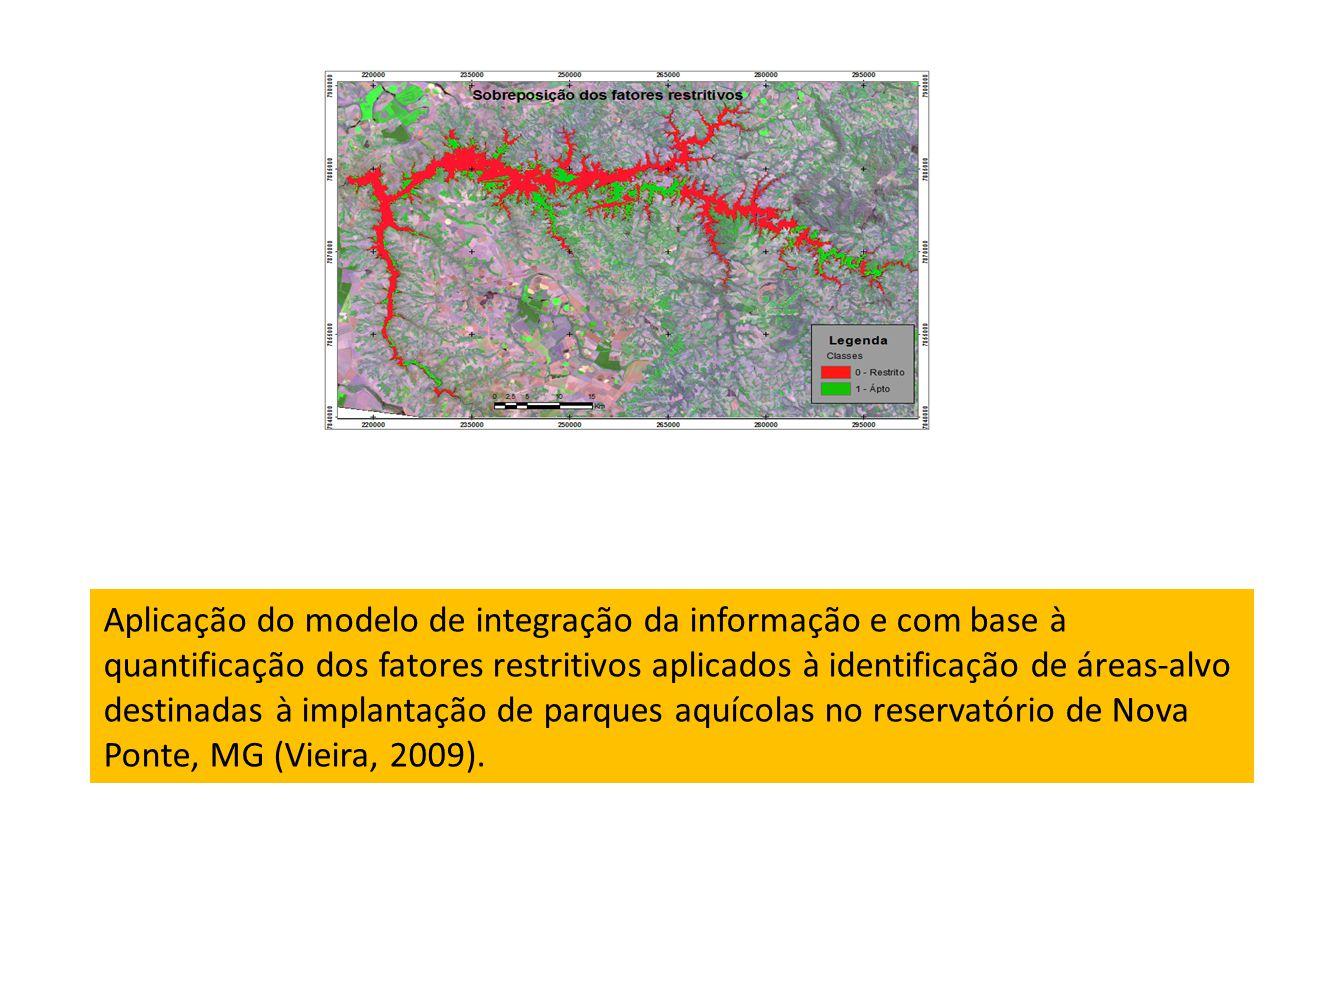 Aplicação do modelo de integração da informação e com base à quantificação dos fatores restritivos aplicados à identificação de áreas-alvo destinadas